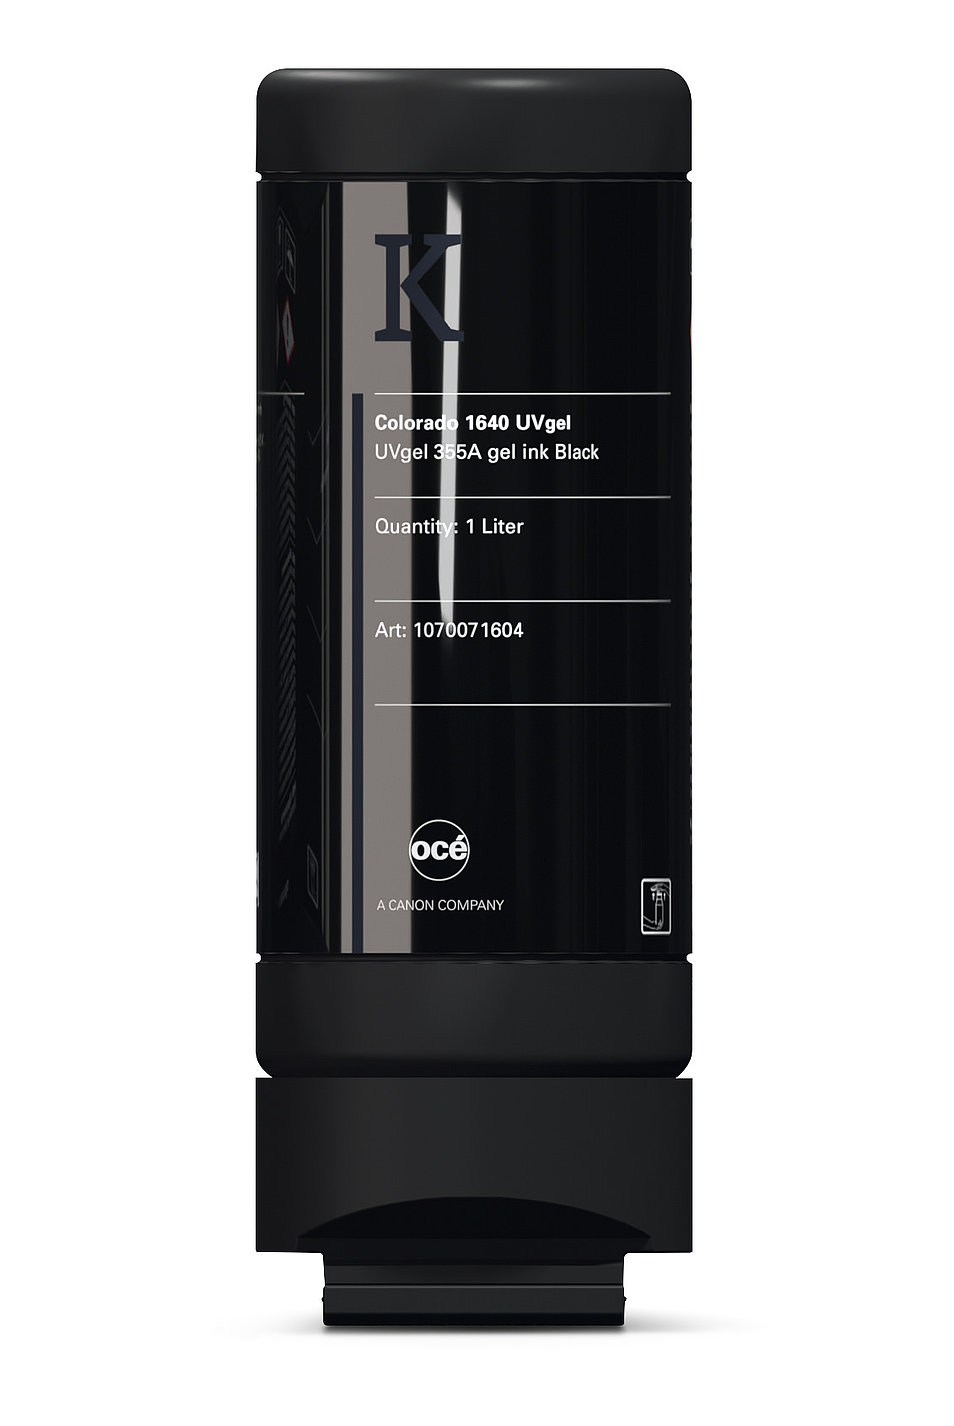 UVgel ink | Red Dot Design Award